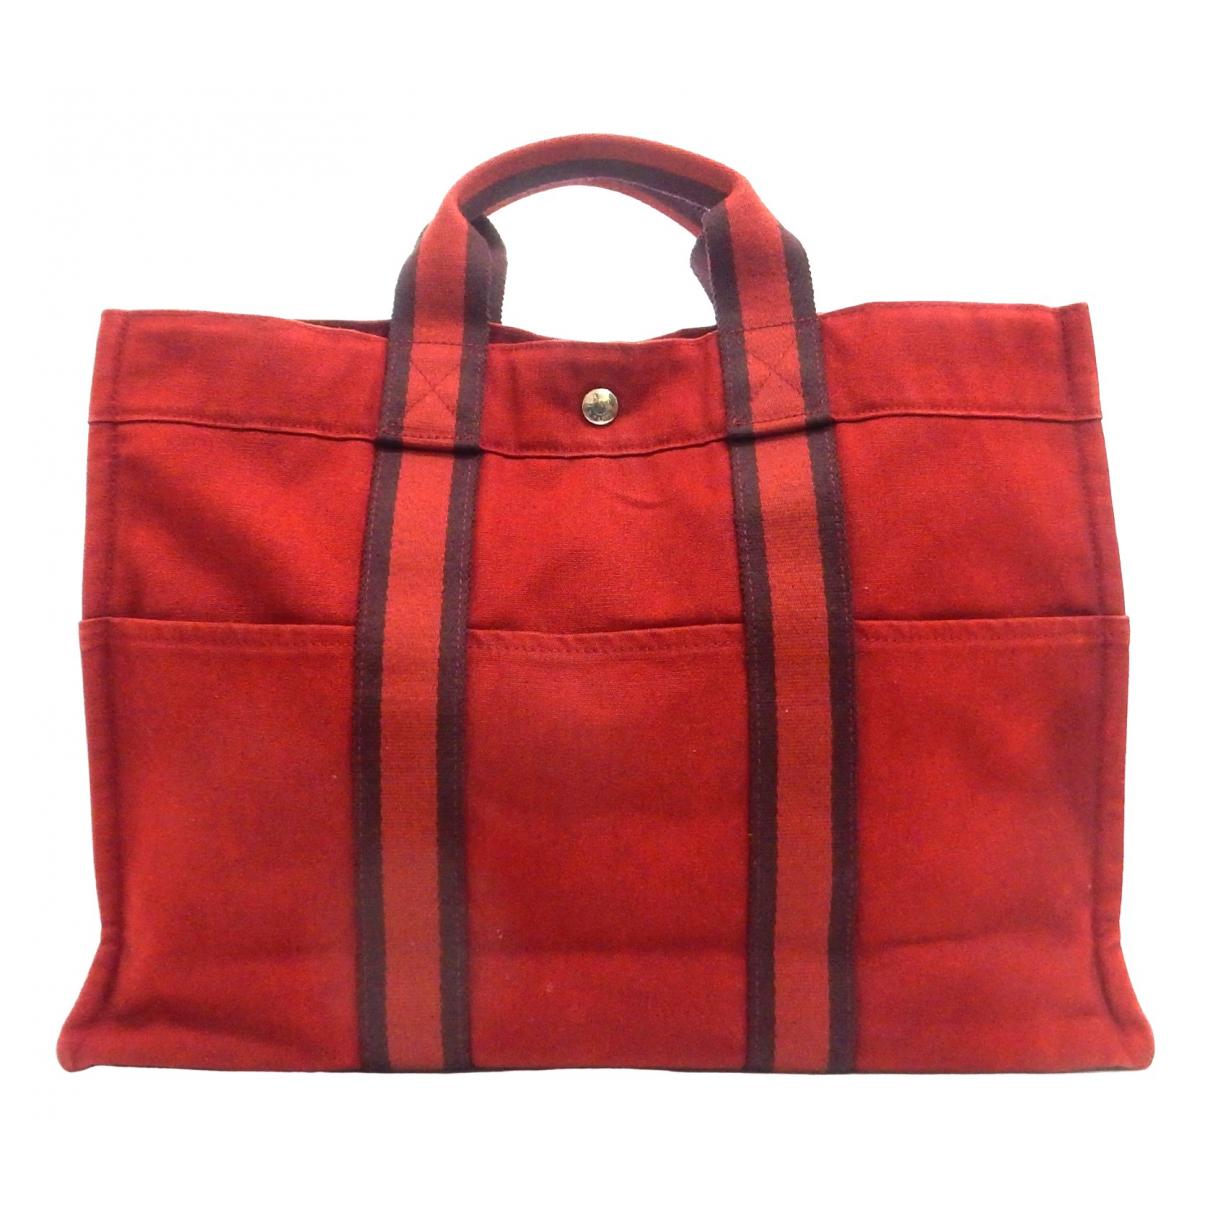 Hermes - Sac a main Toto pour femme en coton - rouge